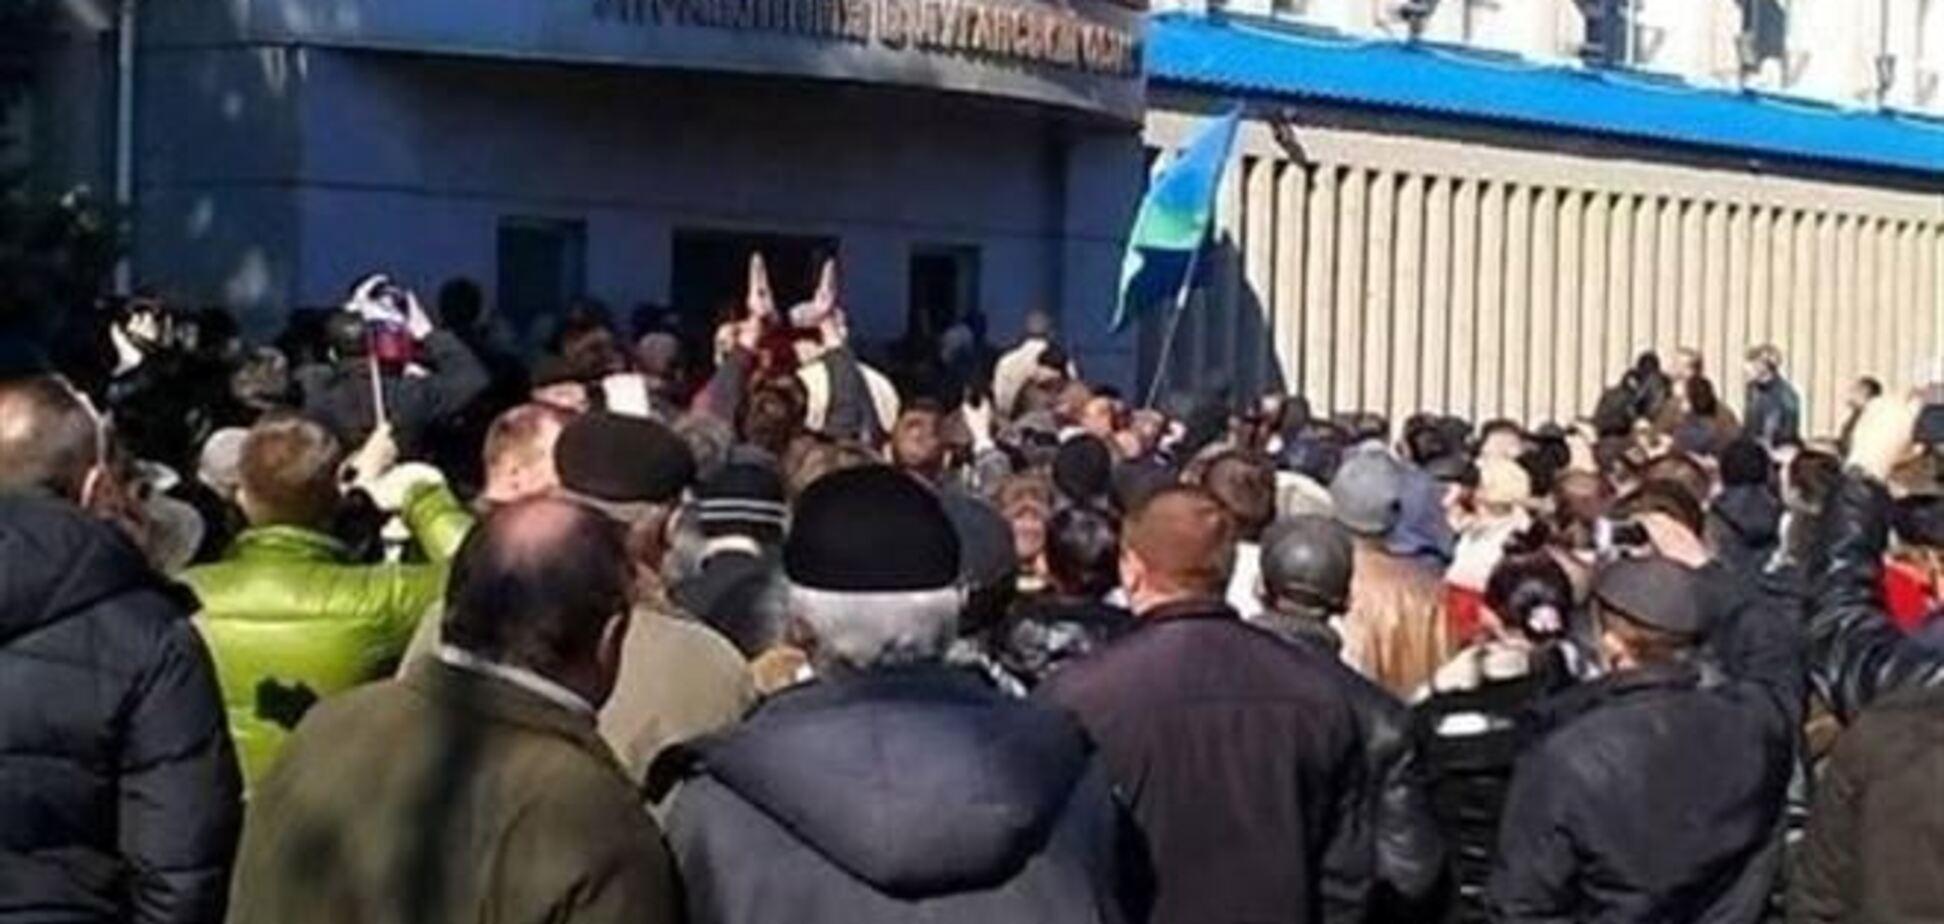 Захватившие здание СБУ в Луганске завладели оружием - МВД